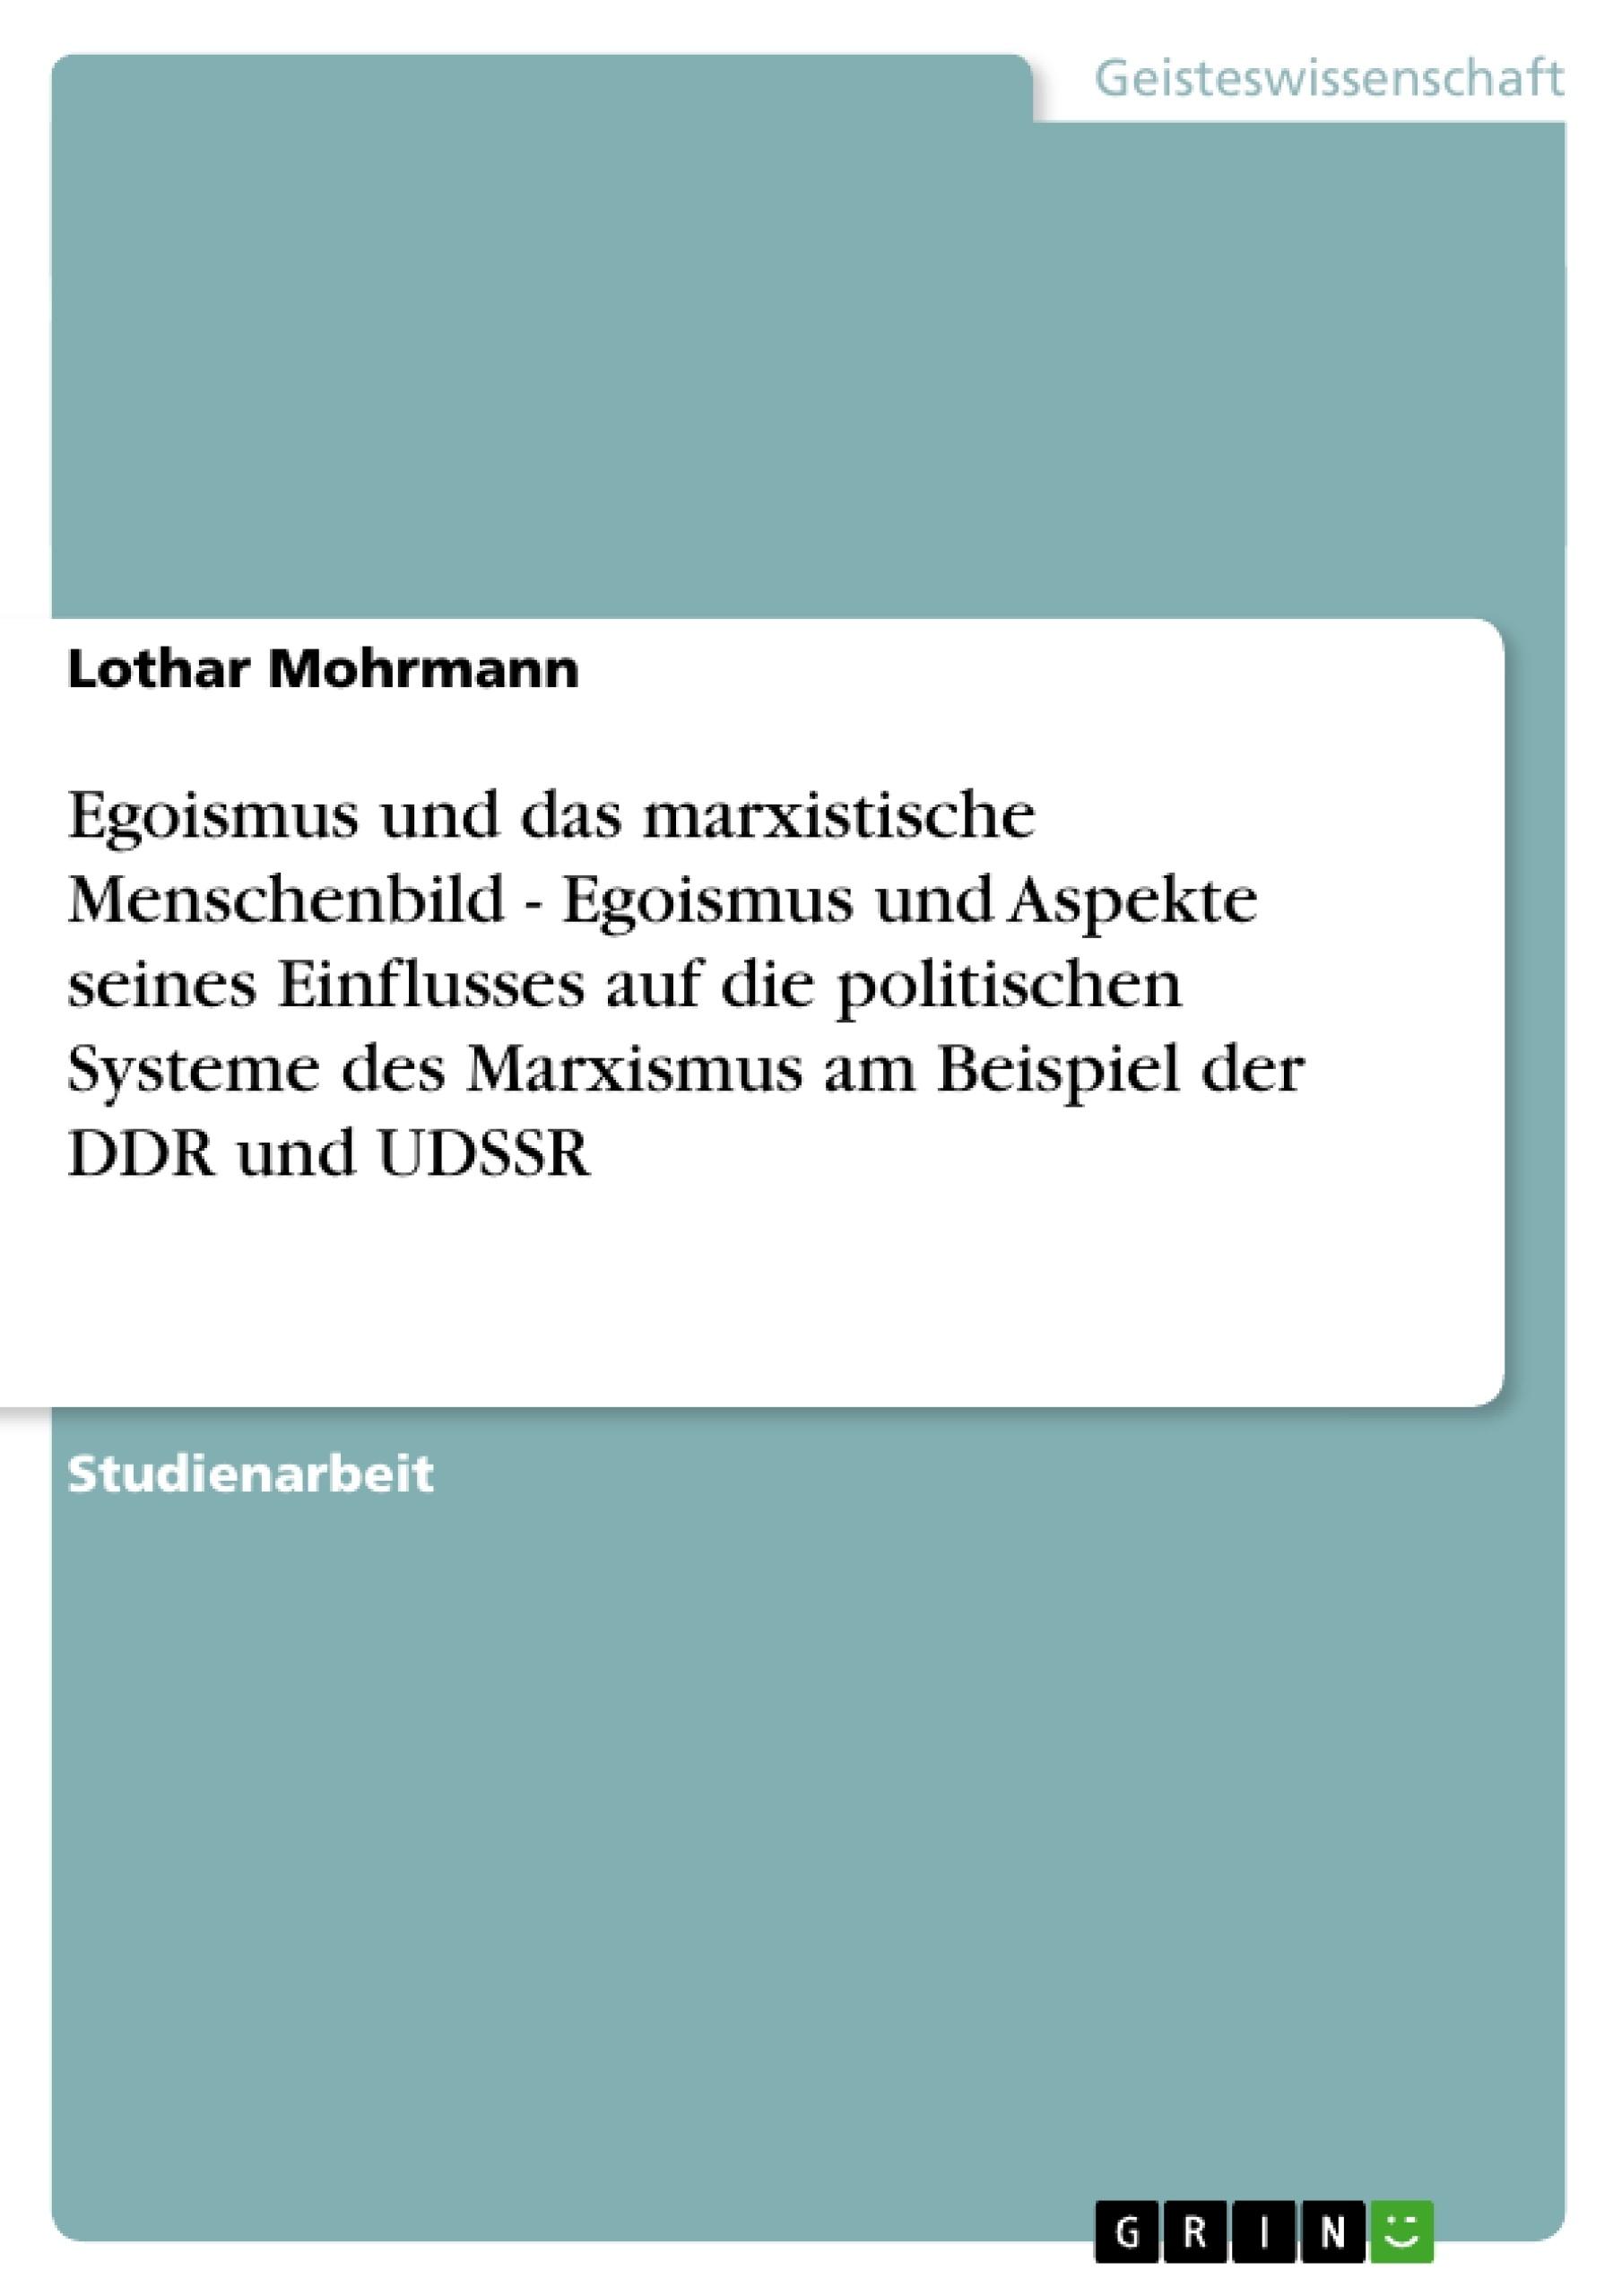 Titel: Egoismus und das marxistische Menschenbild - Egoismus und Aspekte seines Einflusses auf die politischen Systeme des Marxismus am Beispiel der DDR und UDSSR